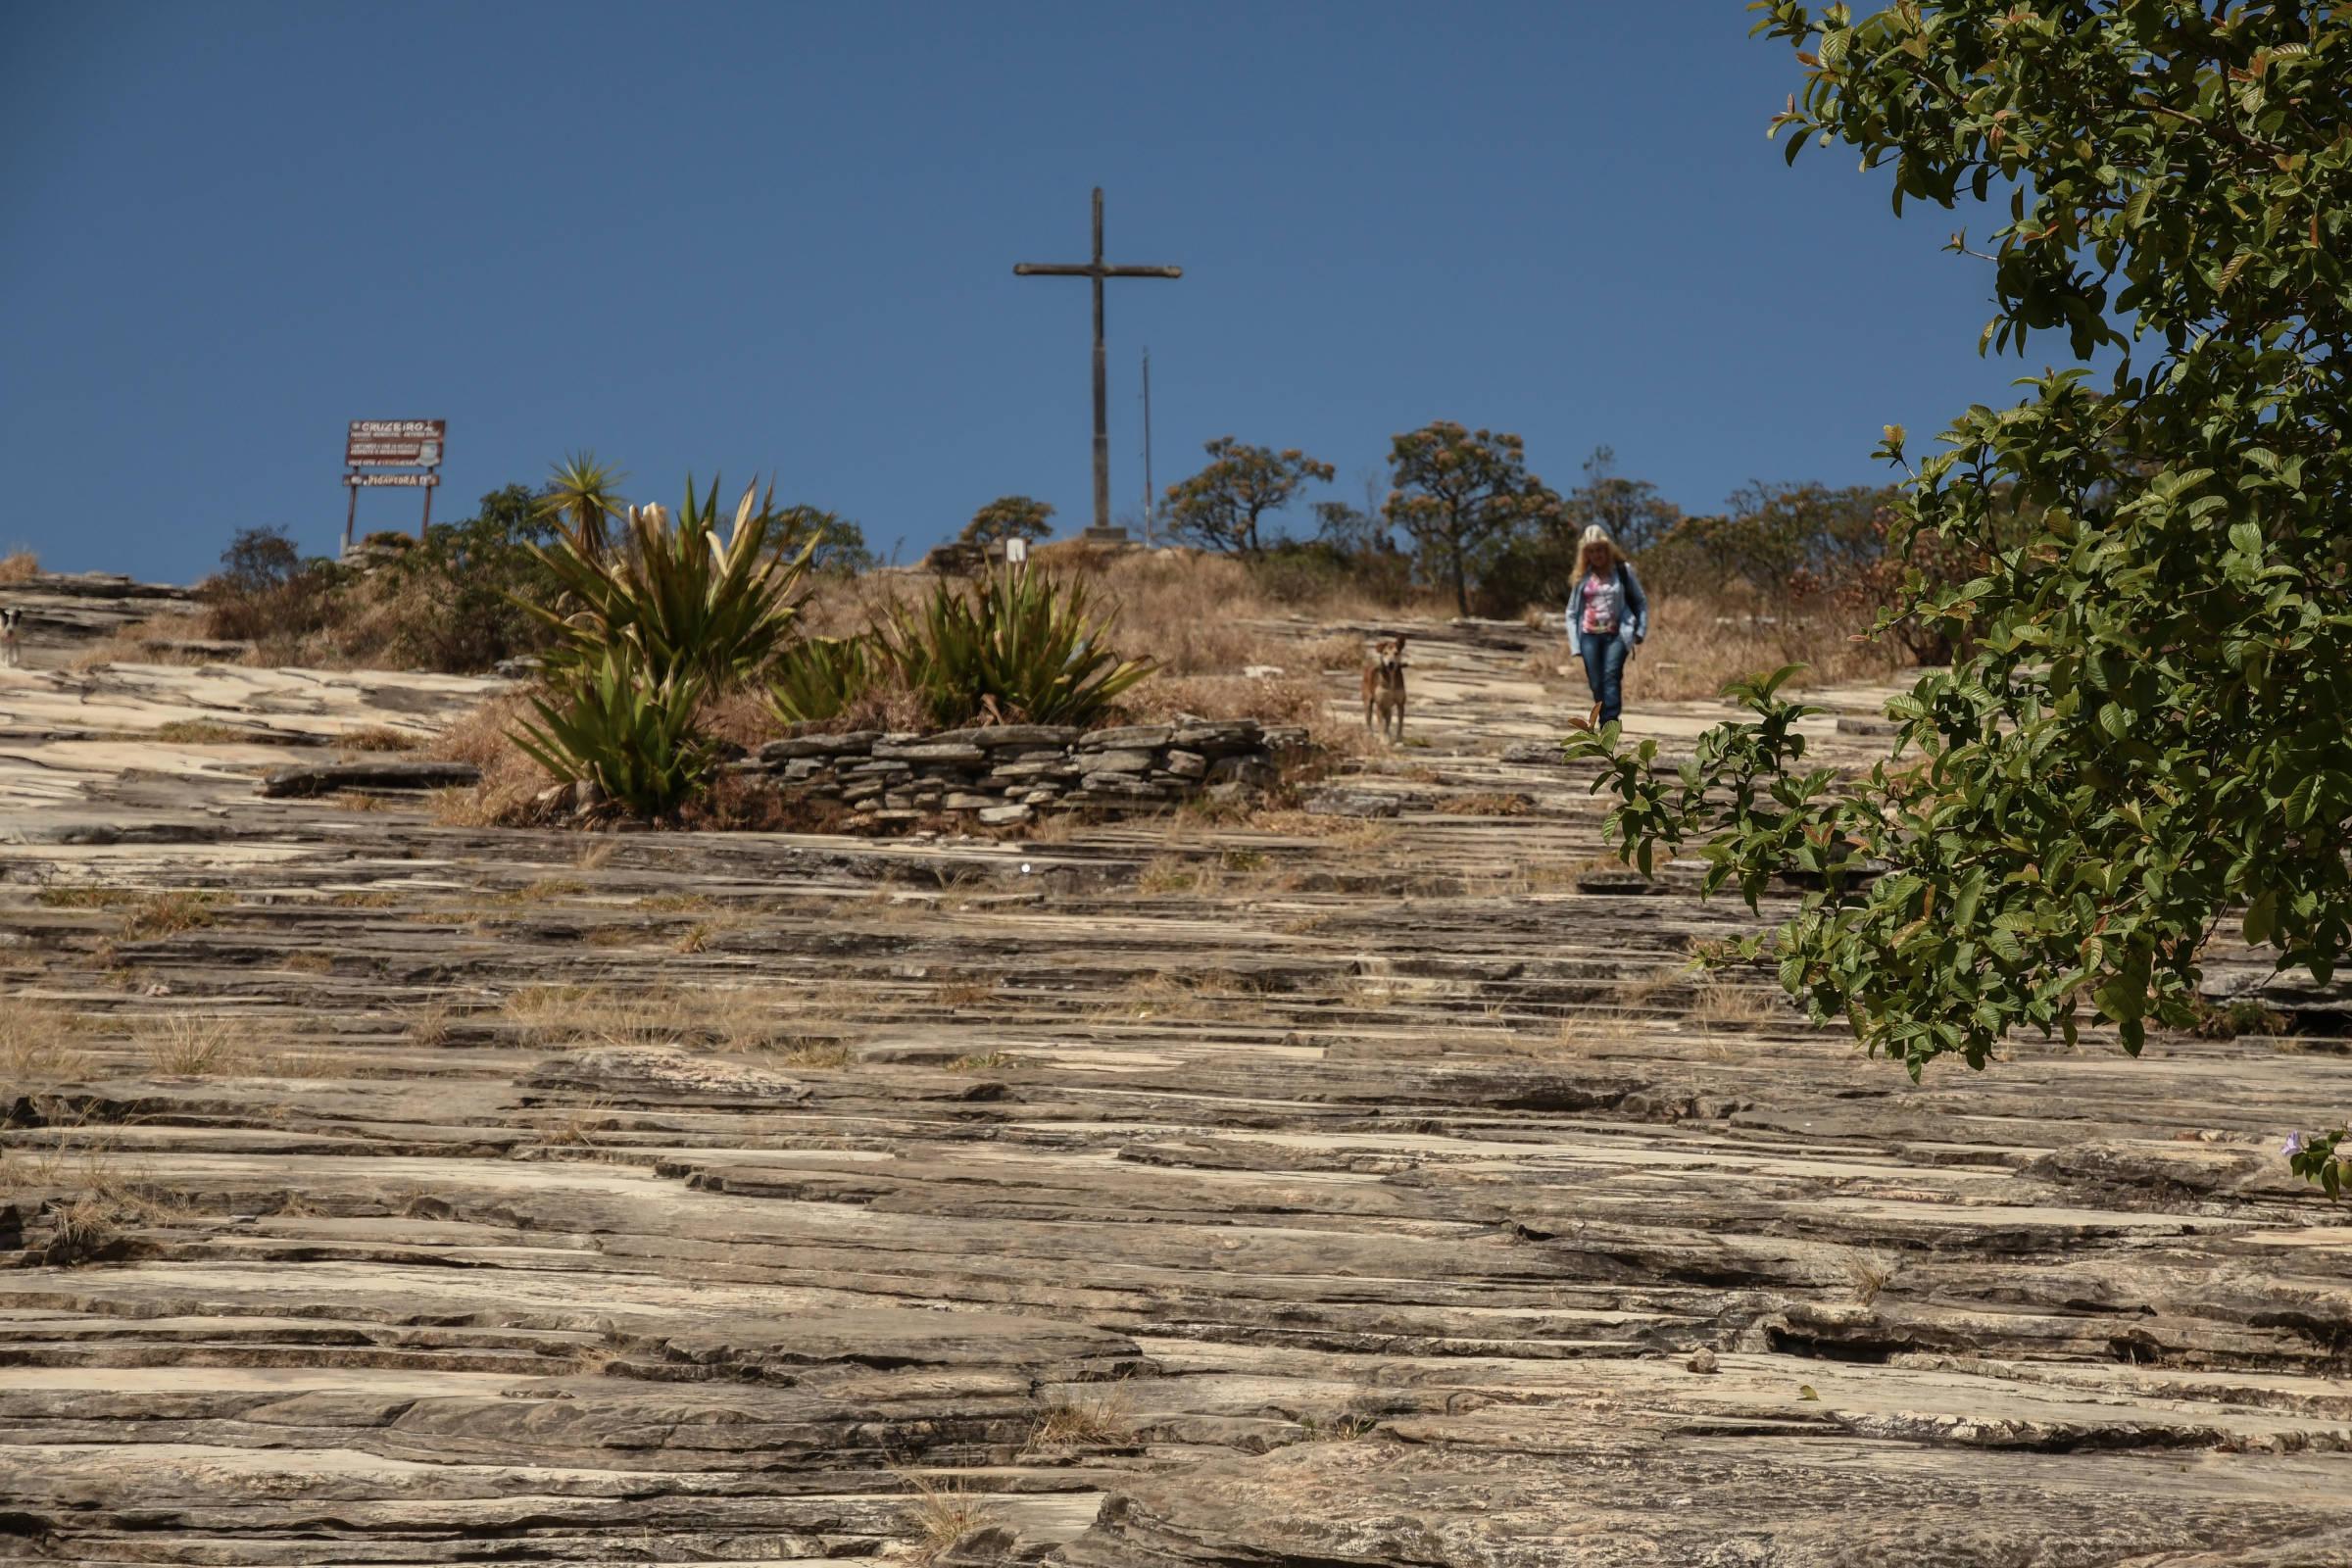 Mulher desce Morro do Cruzeiro, ponto turístico de São Tomé das Letras (MG), durante a pandemia